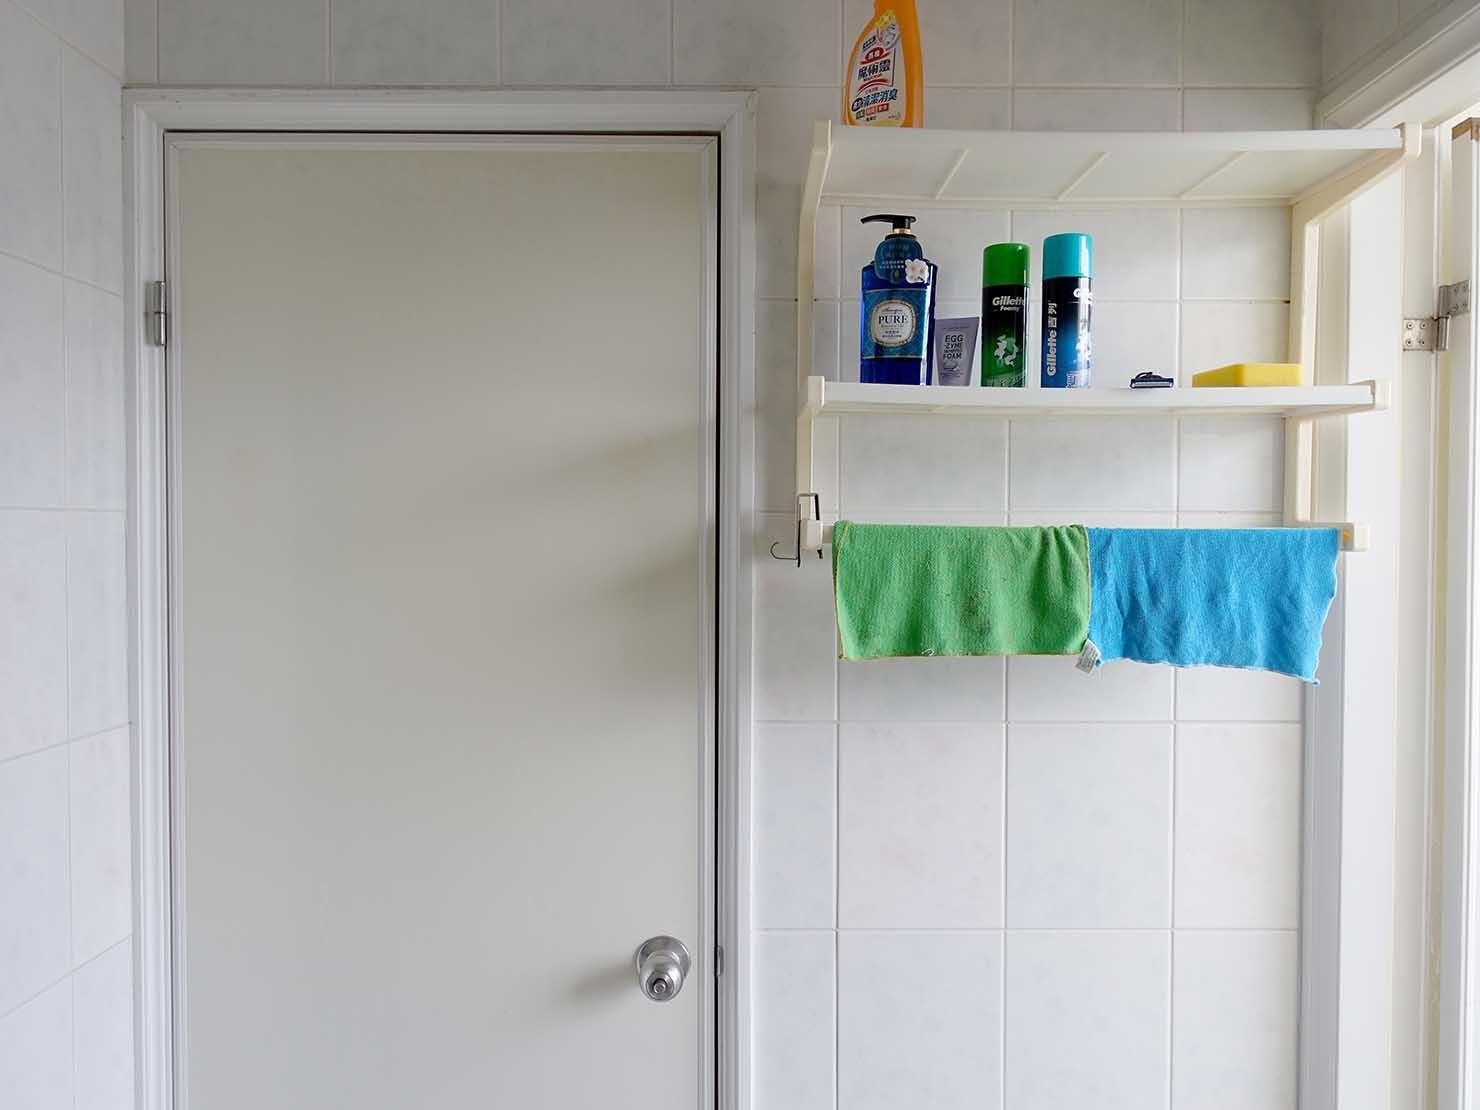 台北で台湾人彼氏と僕がルームシェアしている部屋のバスルーム内にある扉2